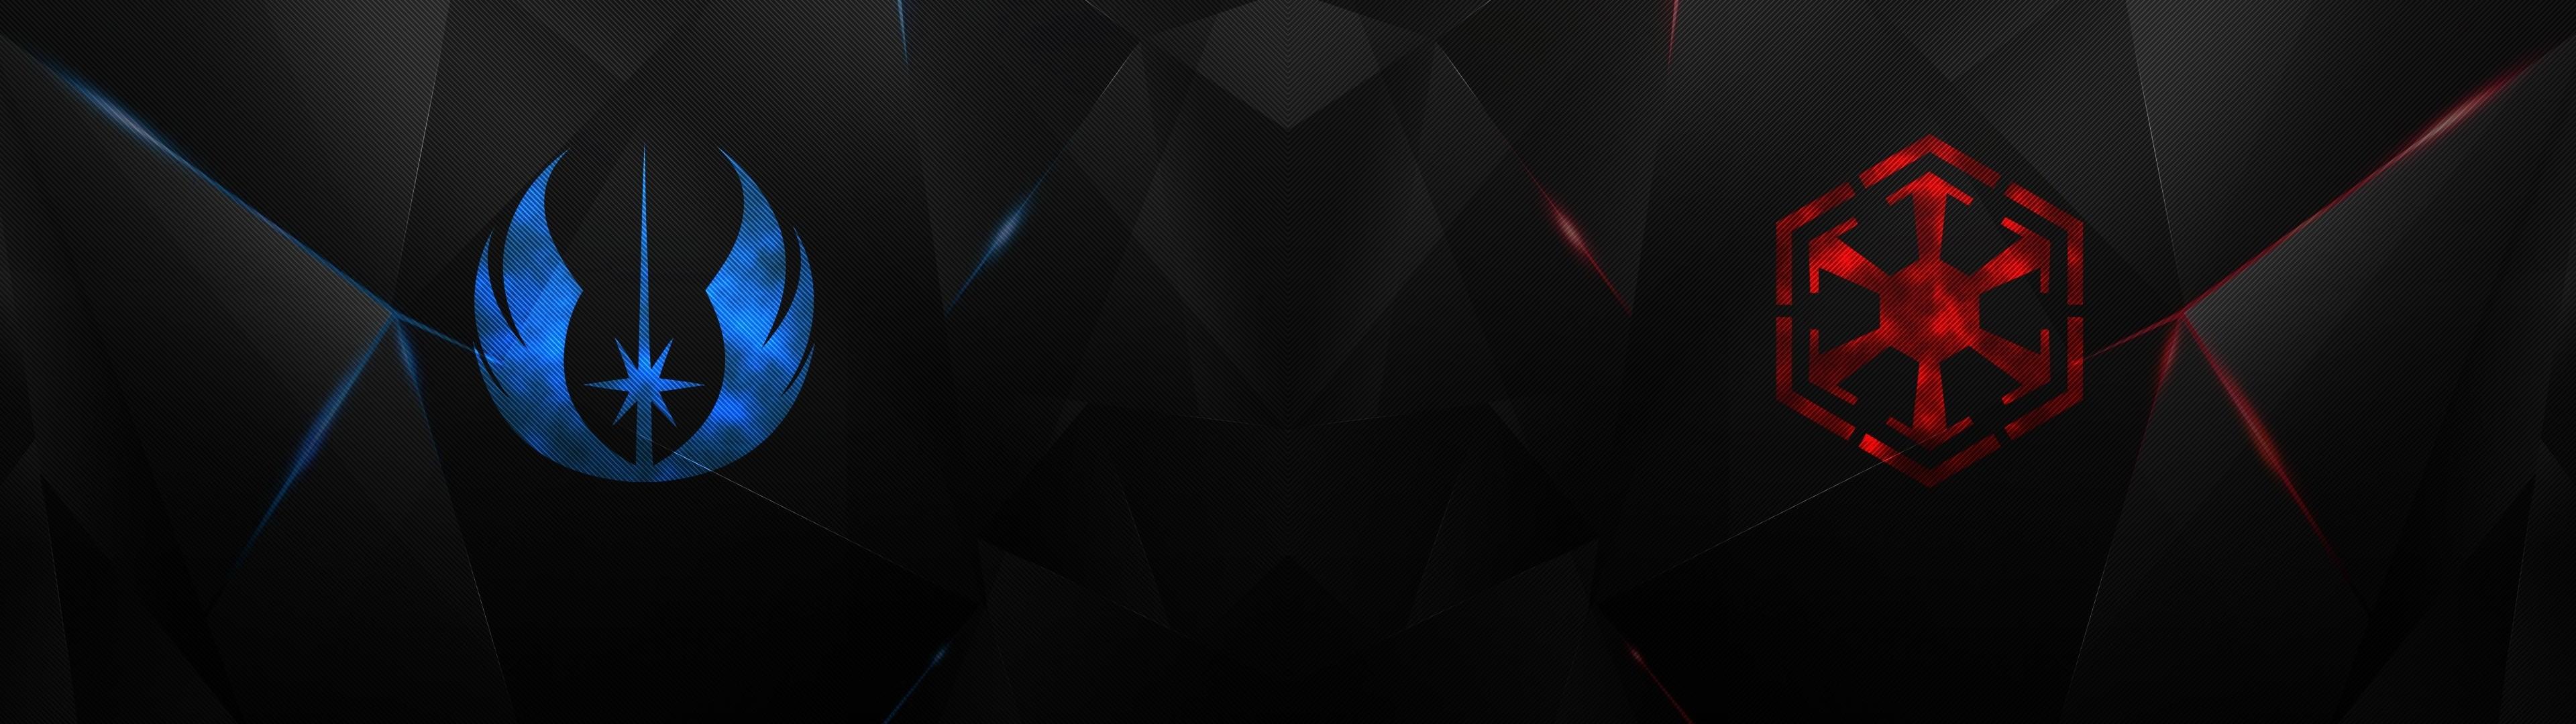 Wallpaper Black Illustration Star Wars Red Symmetry Symbols Light Darkness Screenshot Computer Wallpaper 3840x1080 Cybersickness 78483 Hd Wallpapers Wallhere